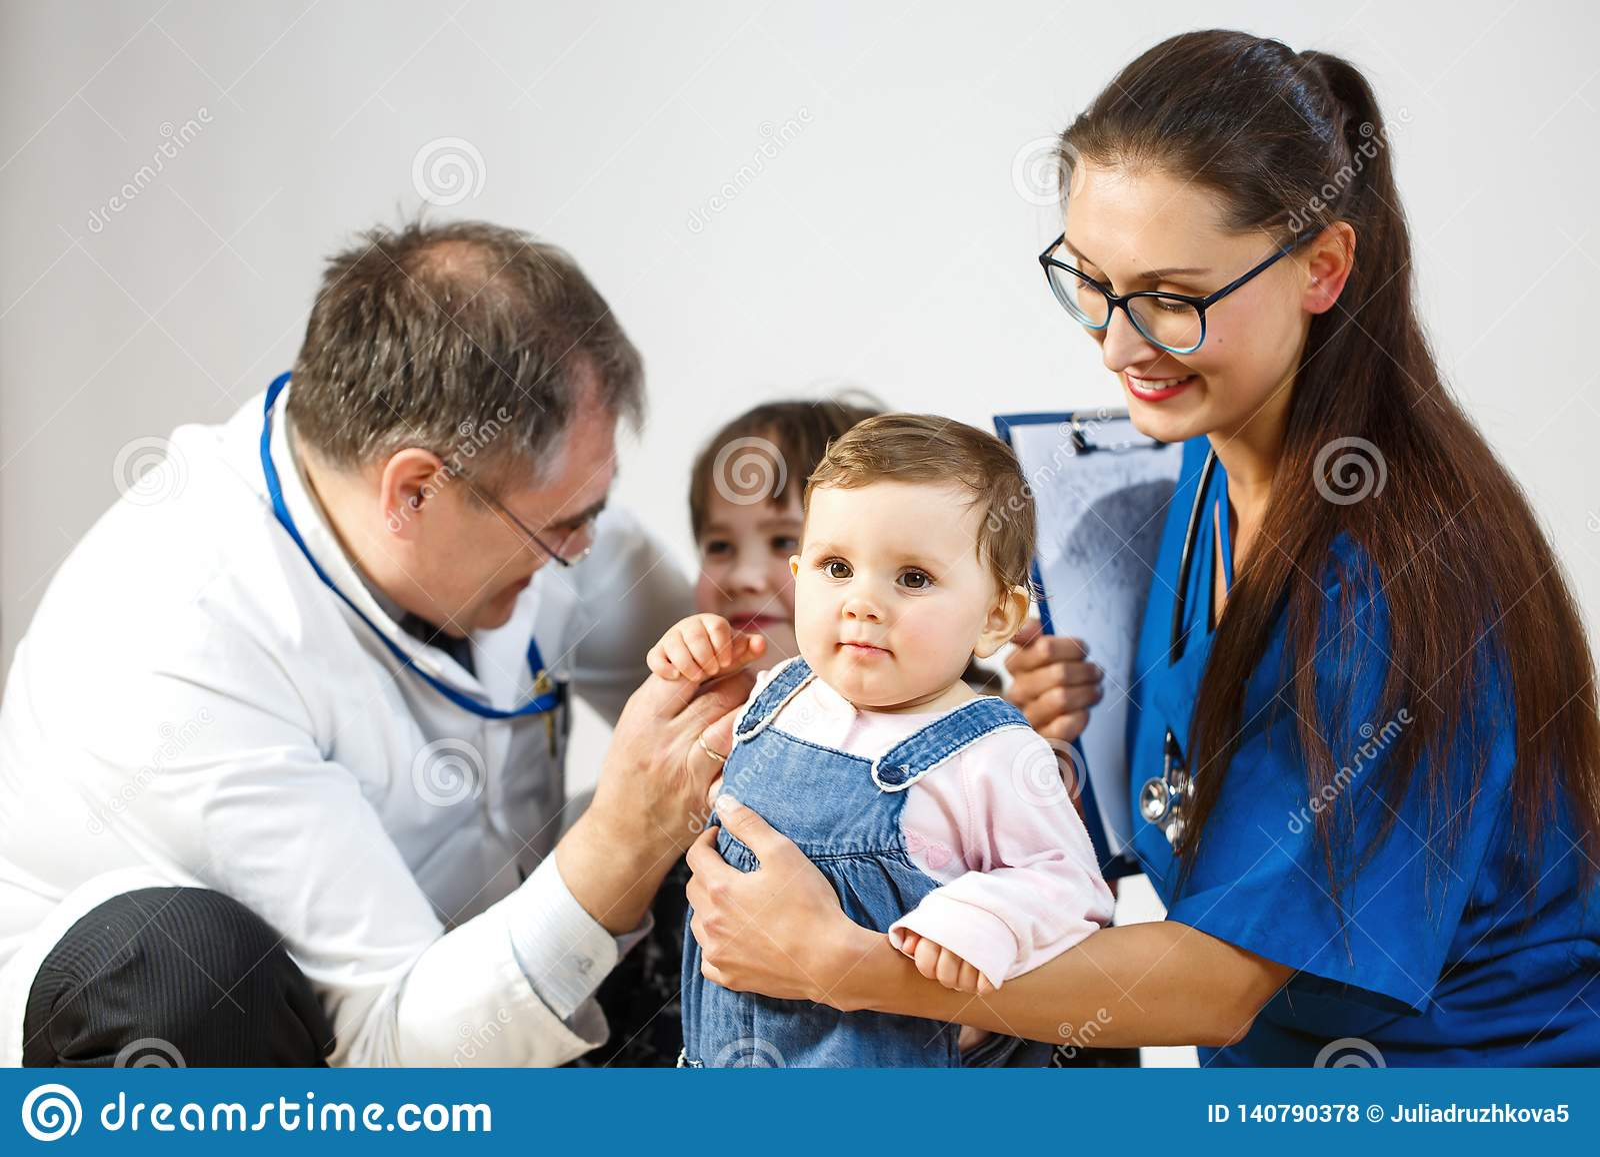 Los doctores examinan a niños, un pequeño niño miran la cámara, sonrisas de un doctor de la mujer joven